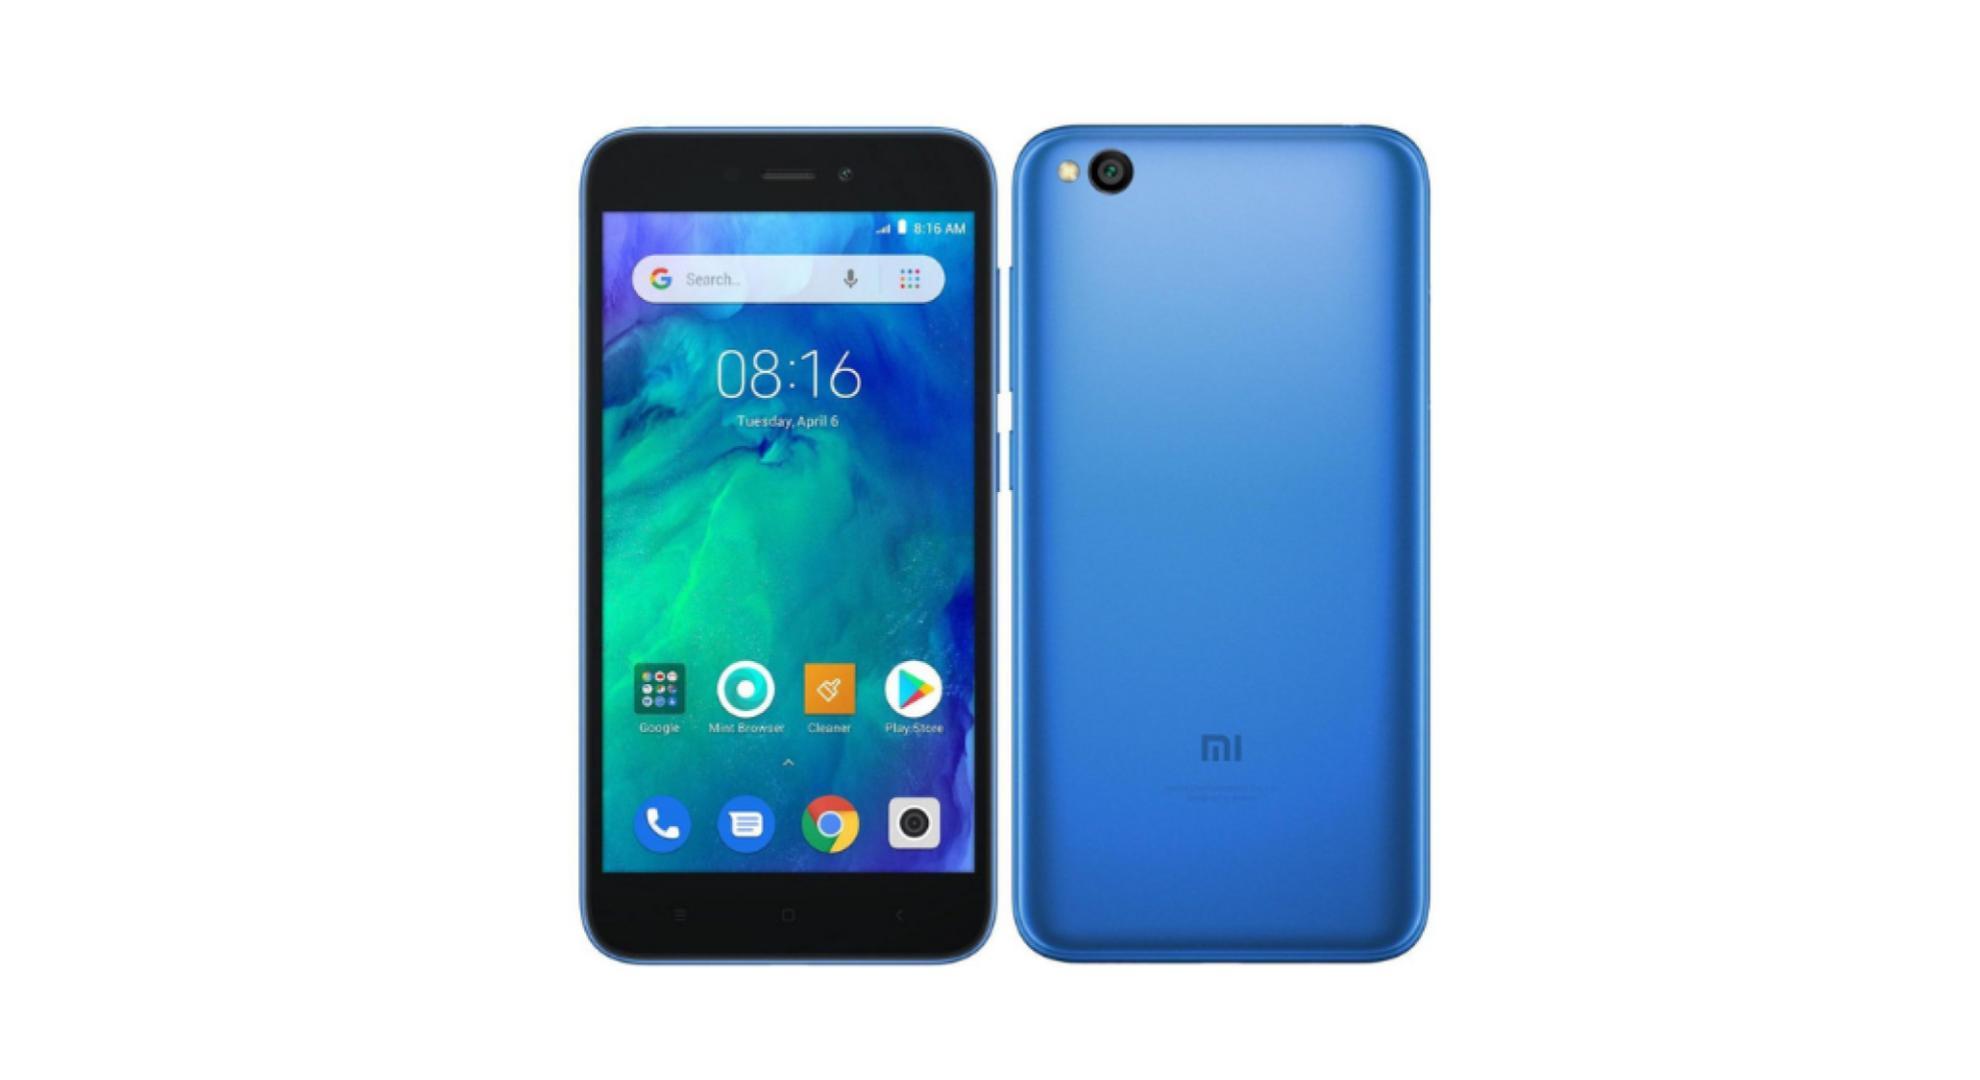 🔥 Bon plan : le nouveau Xiaomi Redmi Go est disponible à 53 euros (au lieu de 99 euros)